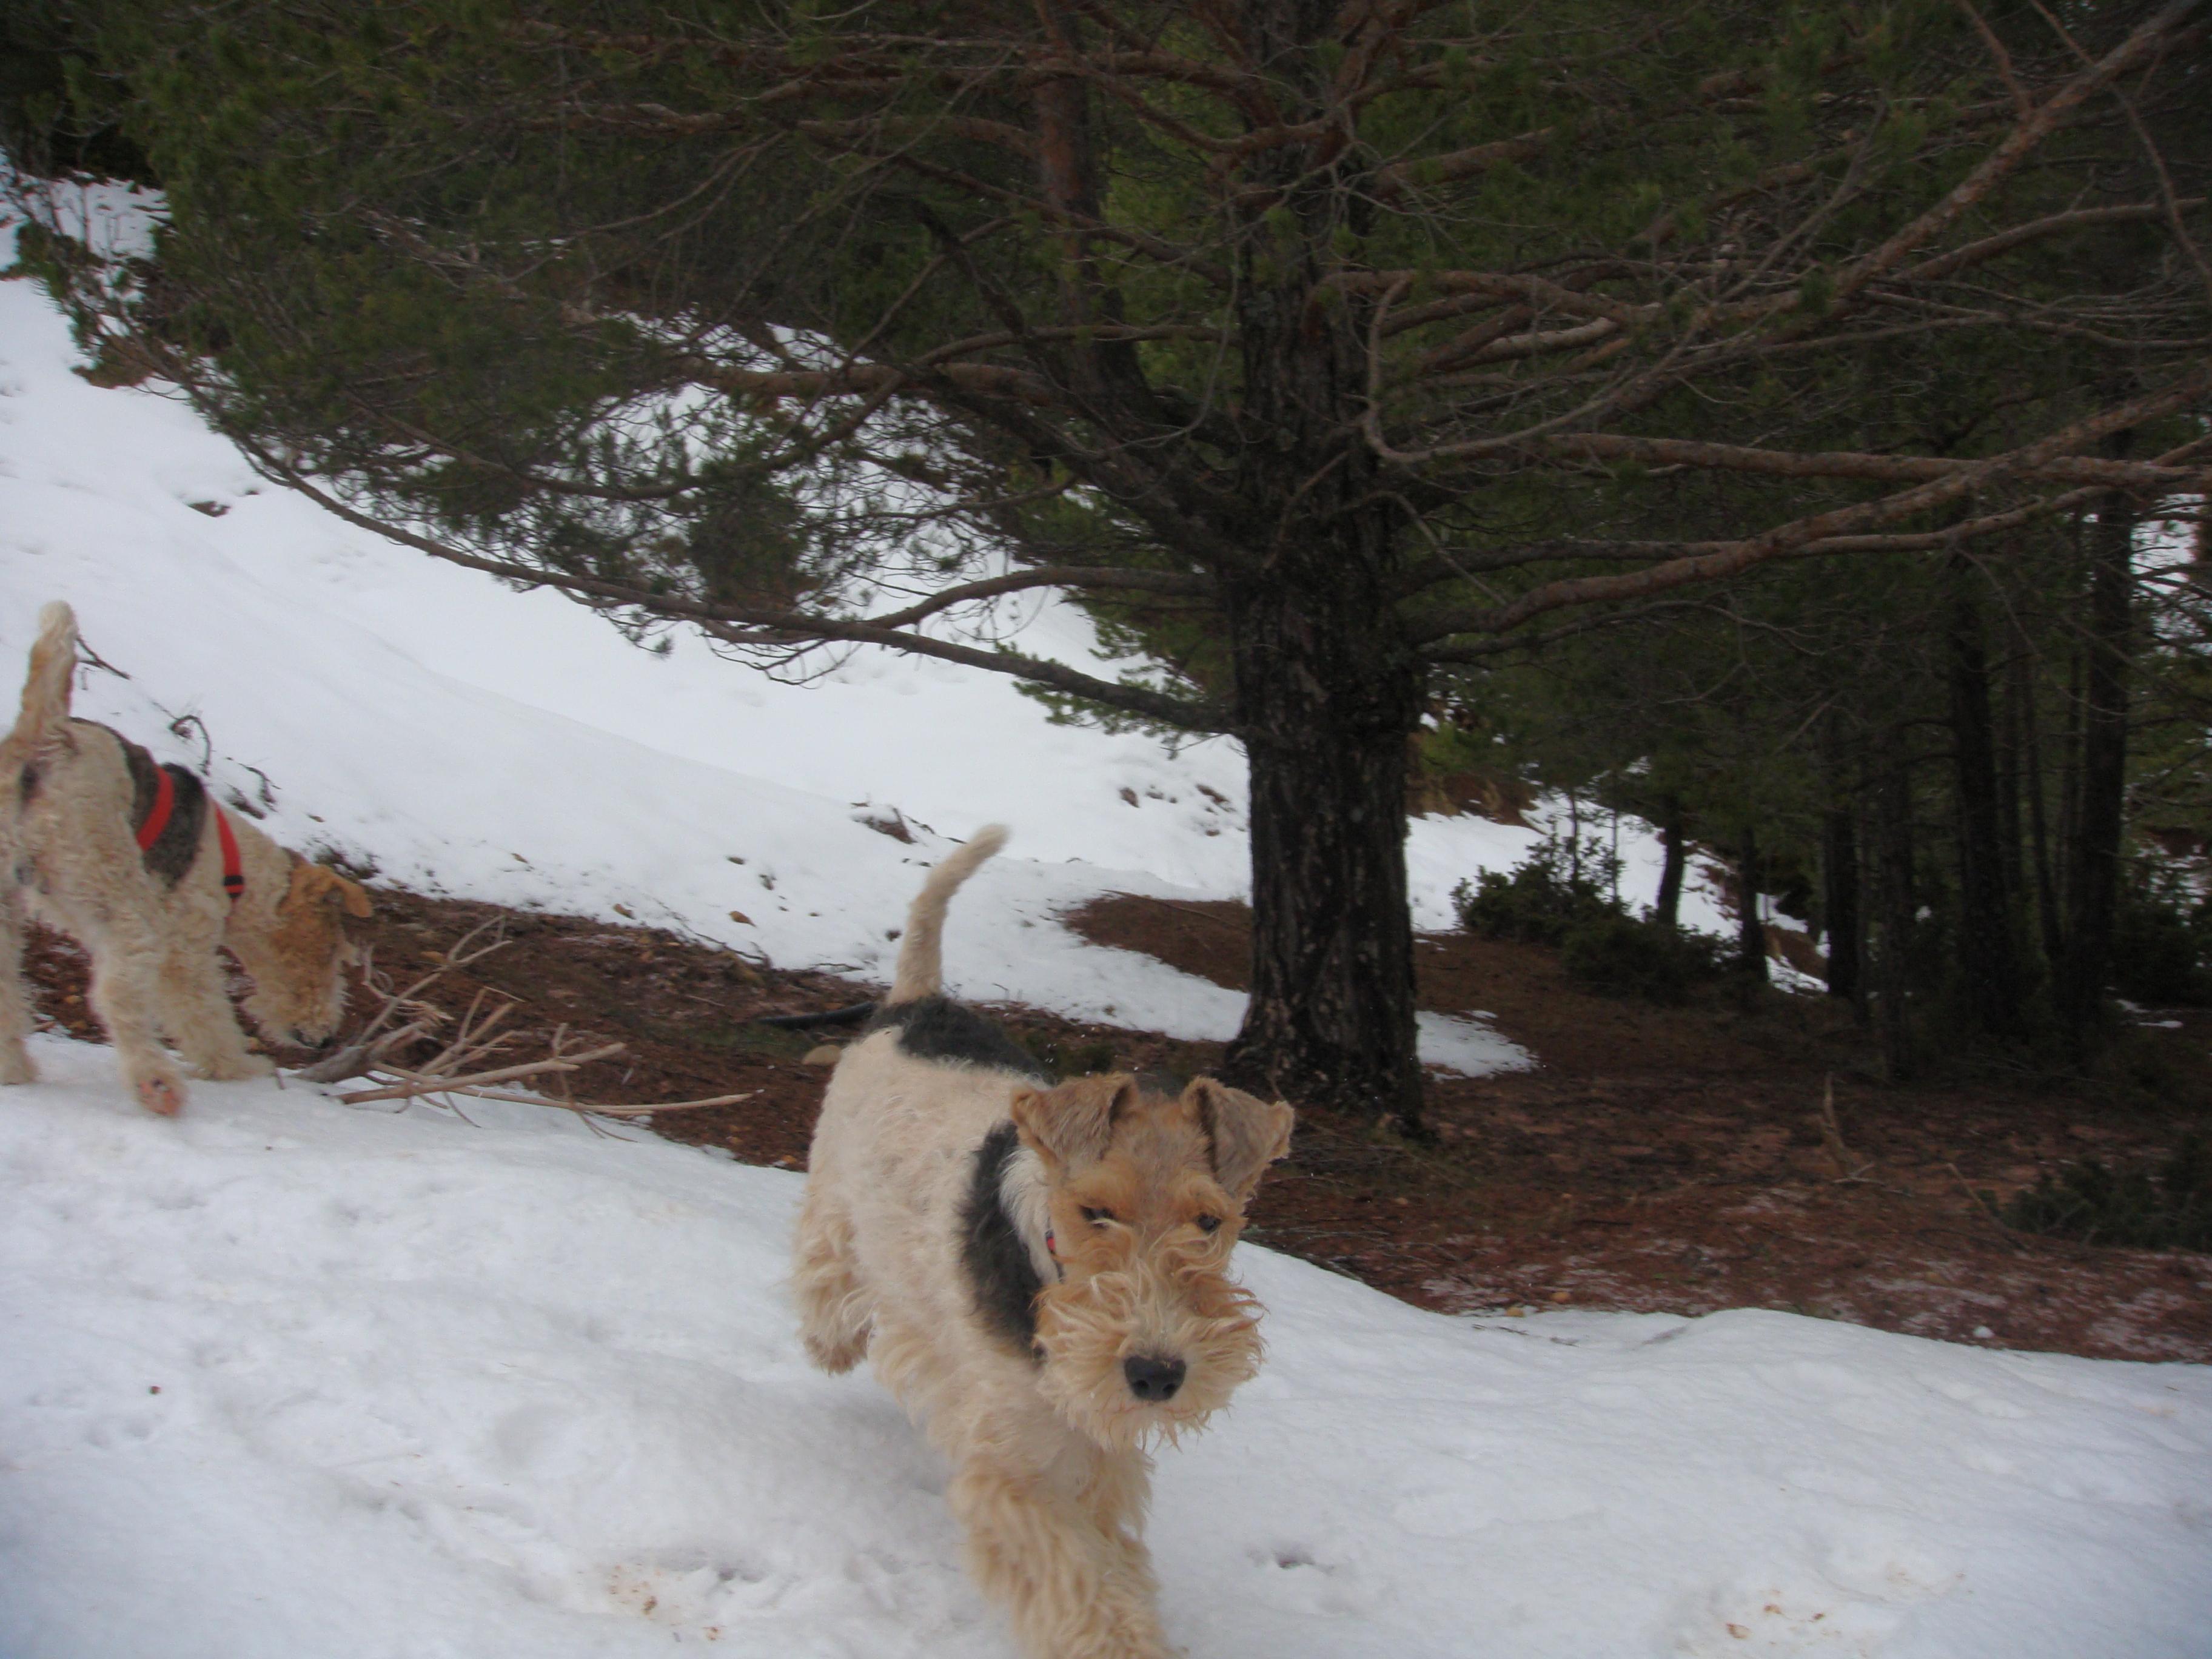 Bart disfrutando de la nieve